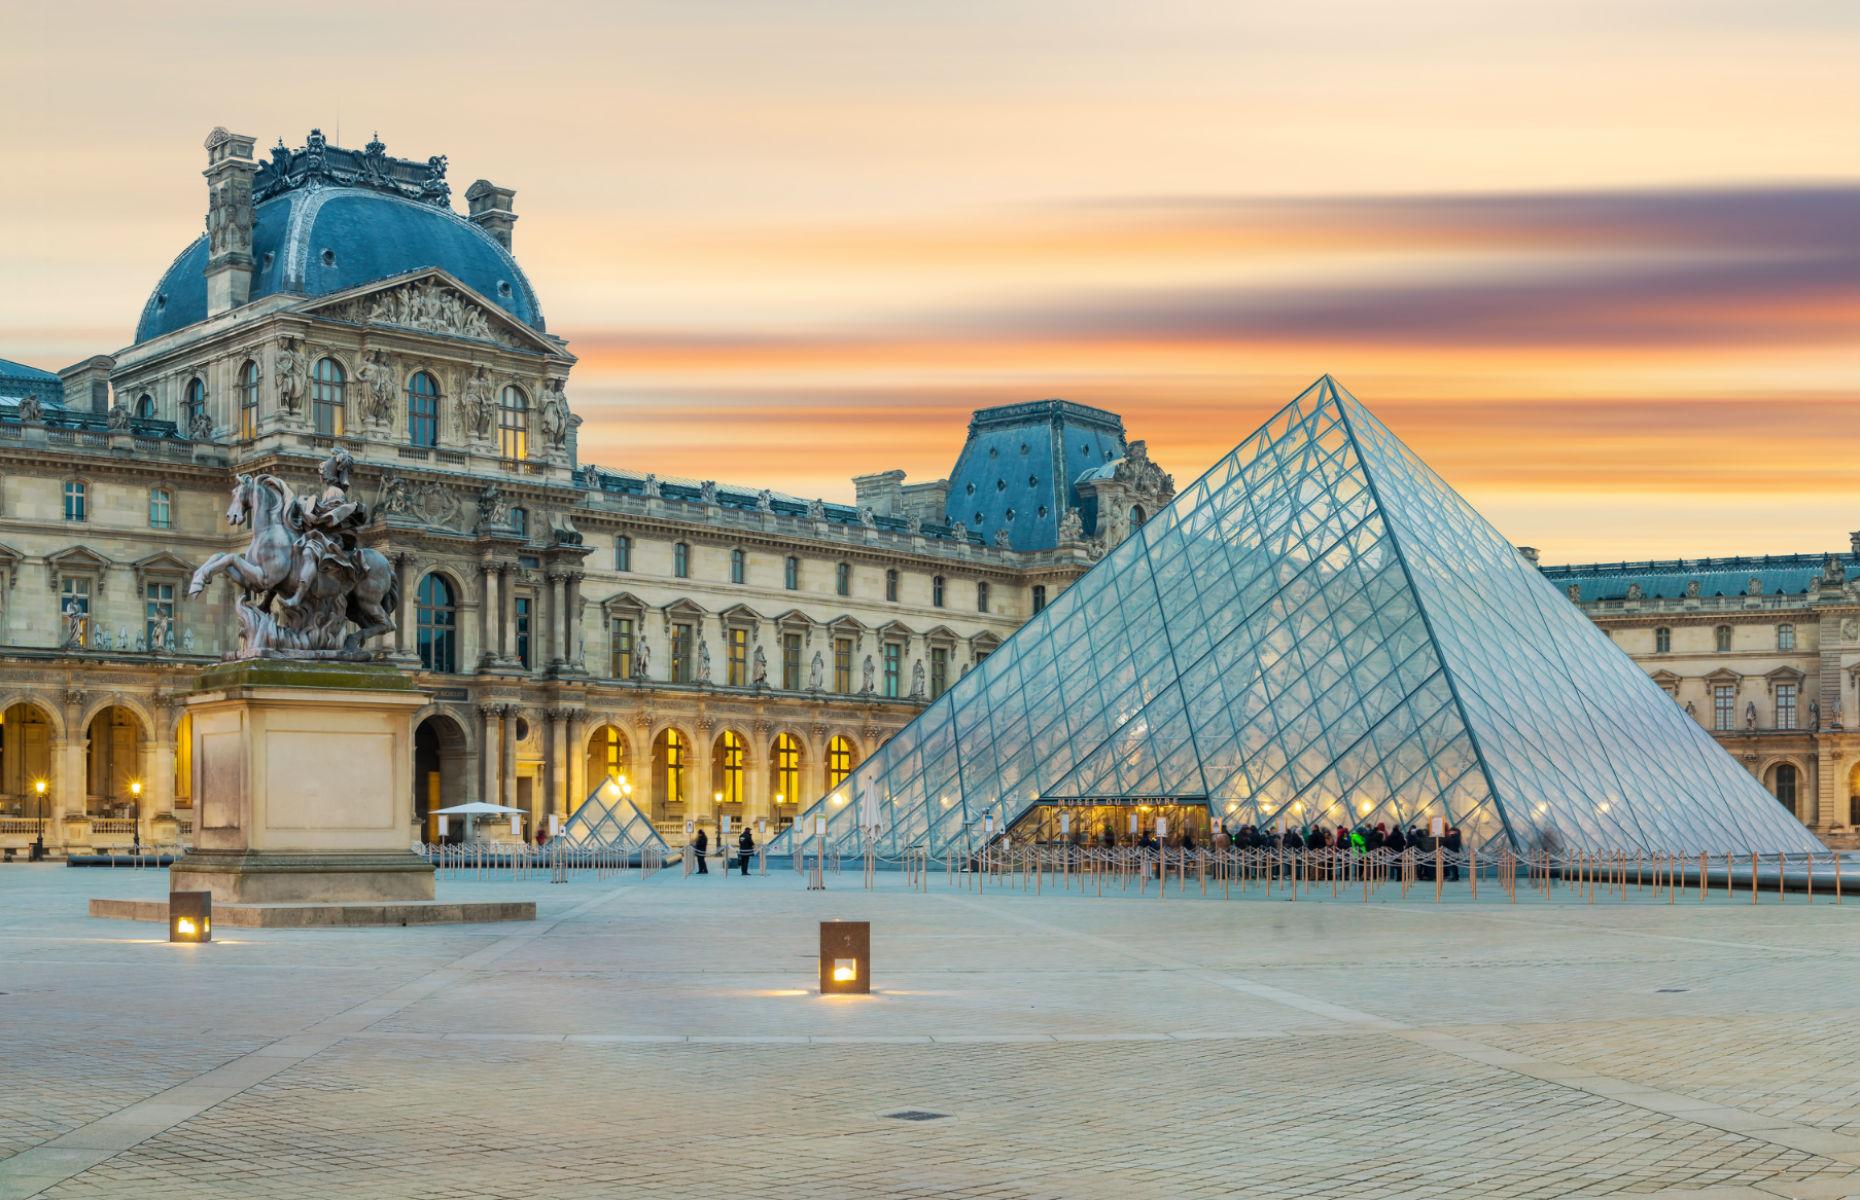 Louvre exterior (Image: Netfalls Remy Musser/Shutterstock)